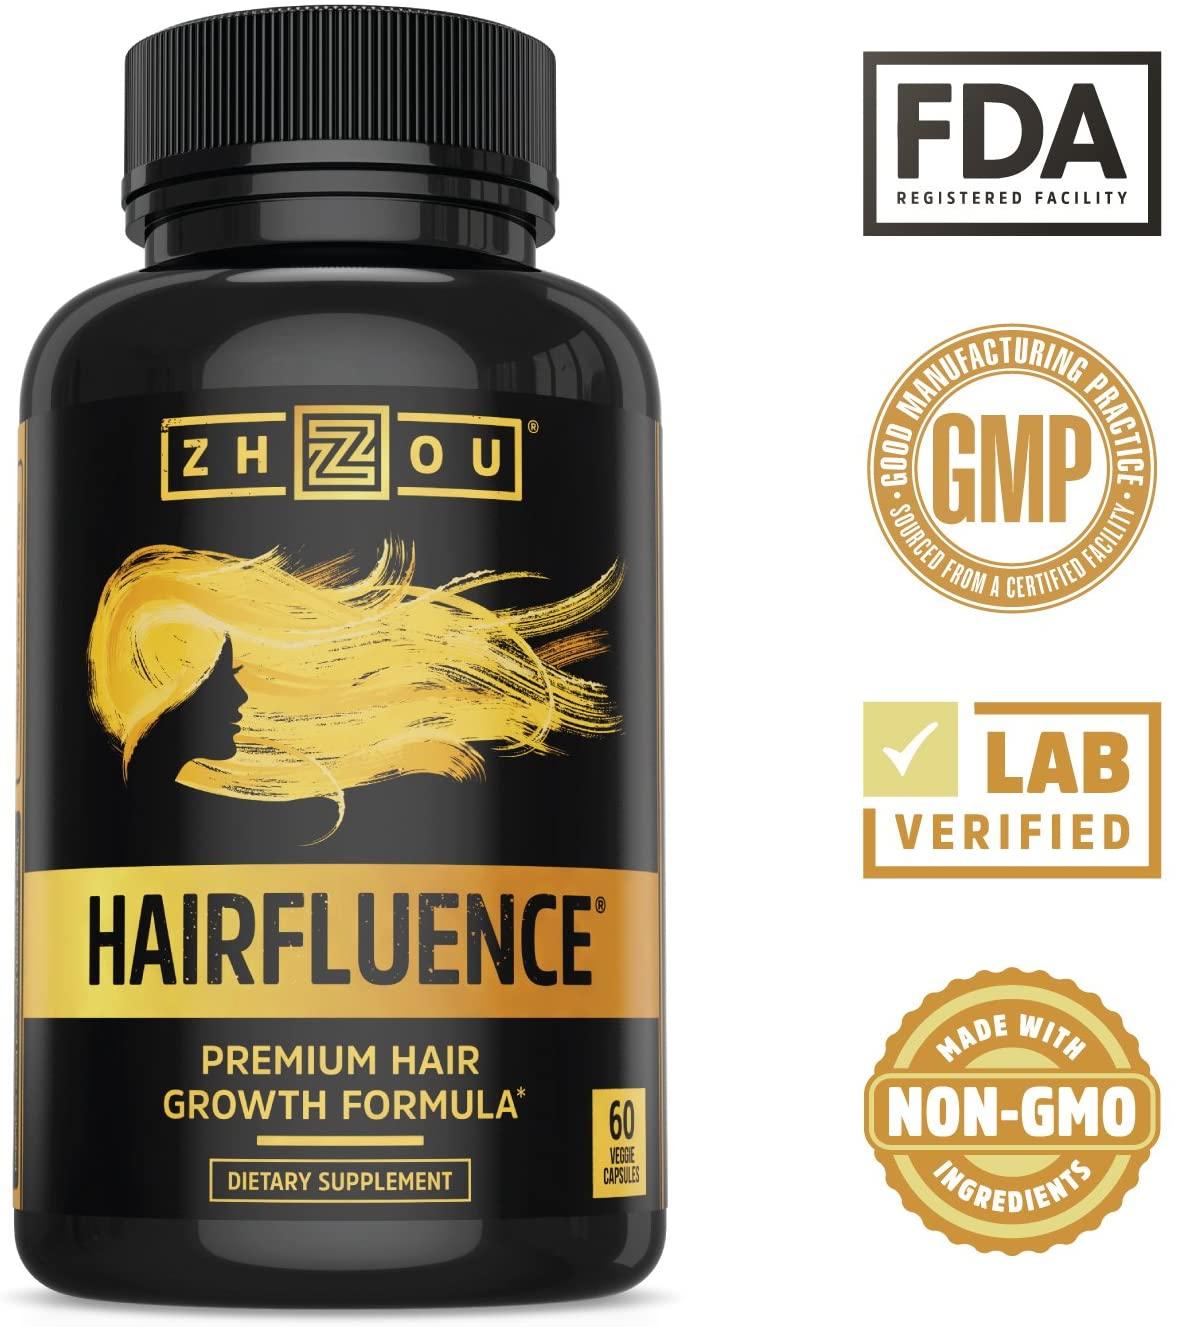 Zhou HAIRFLUENCE - Hair Growth Formula For Longer, Stronger, Healthier Hair (60 Veggie Capsules) $12.04 FS w/ S&S